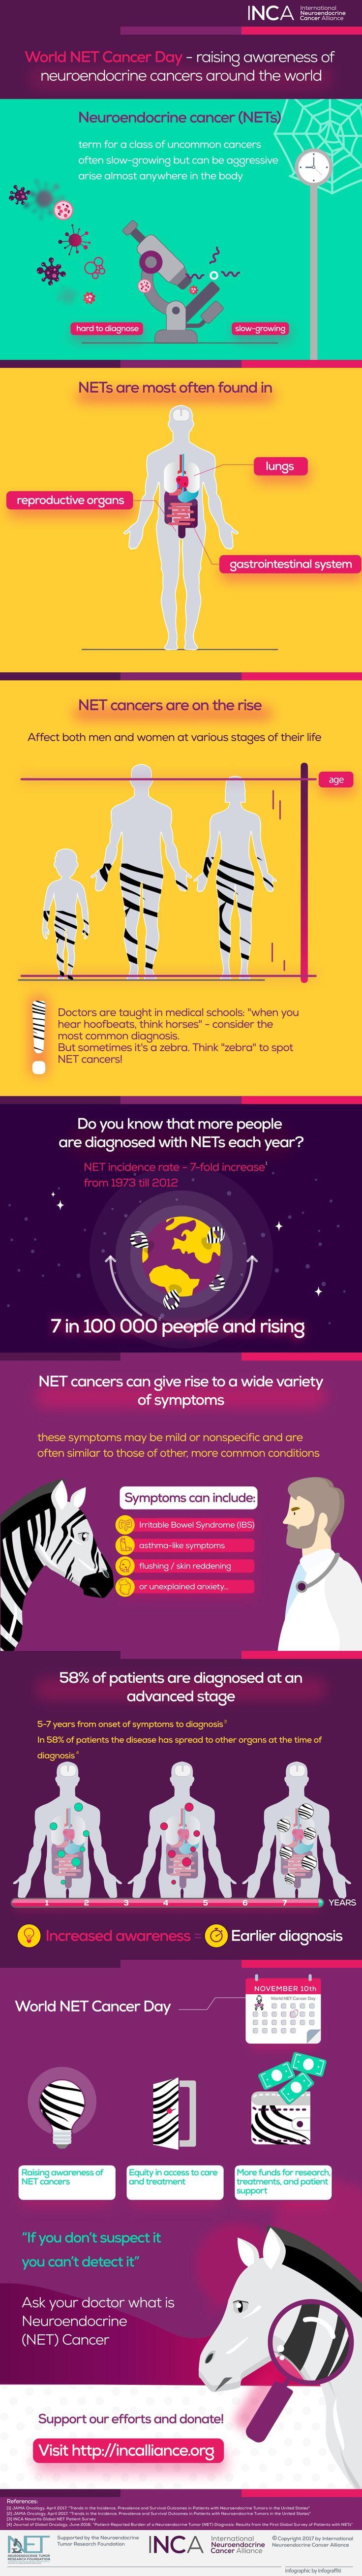 Infographic - Raising awareness